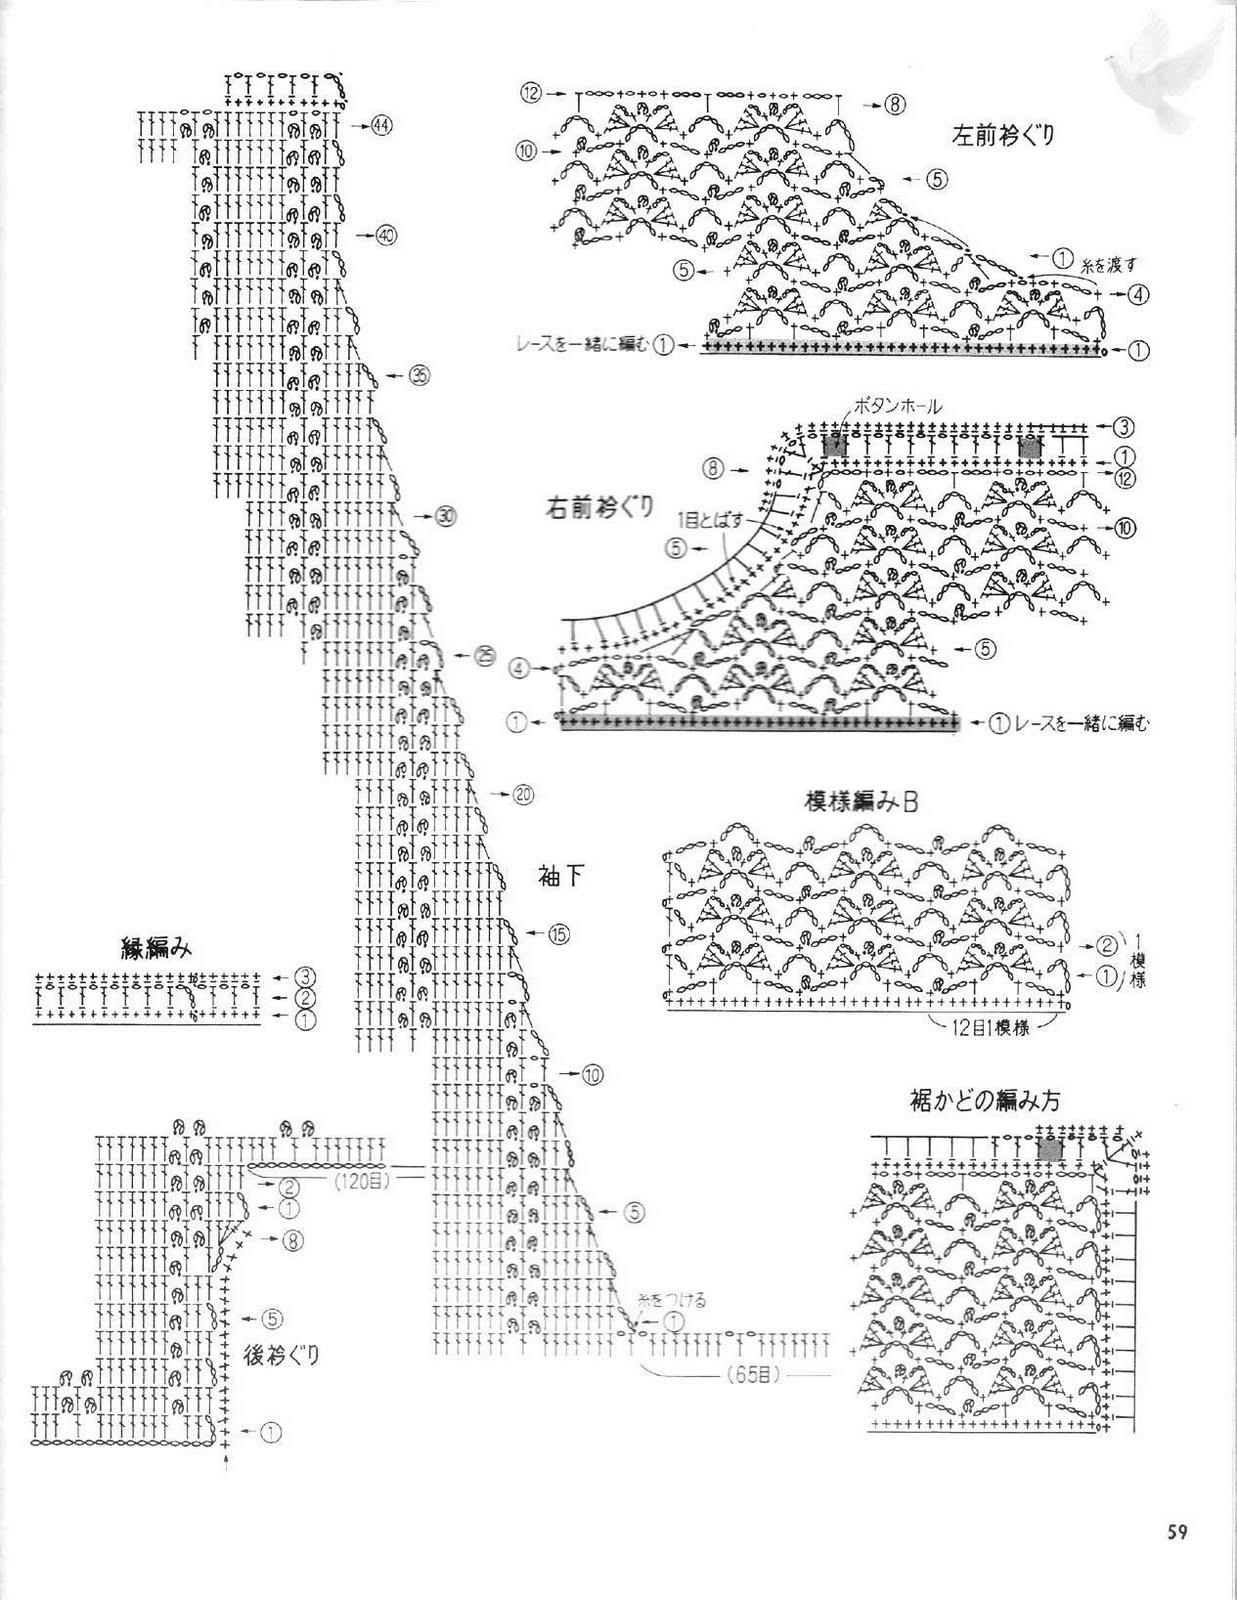 俄网日文编织(52) - 荷塘秀色 - 茶之韵